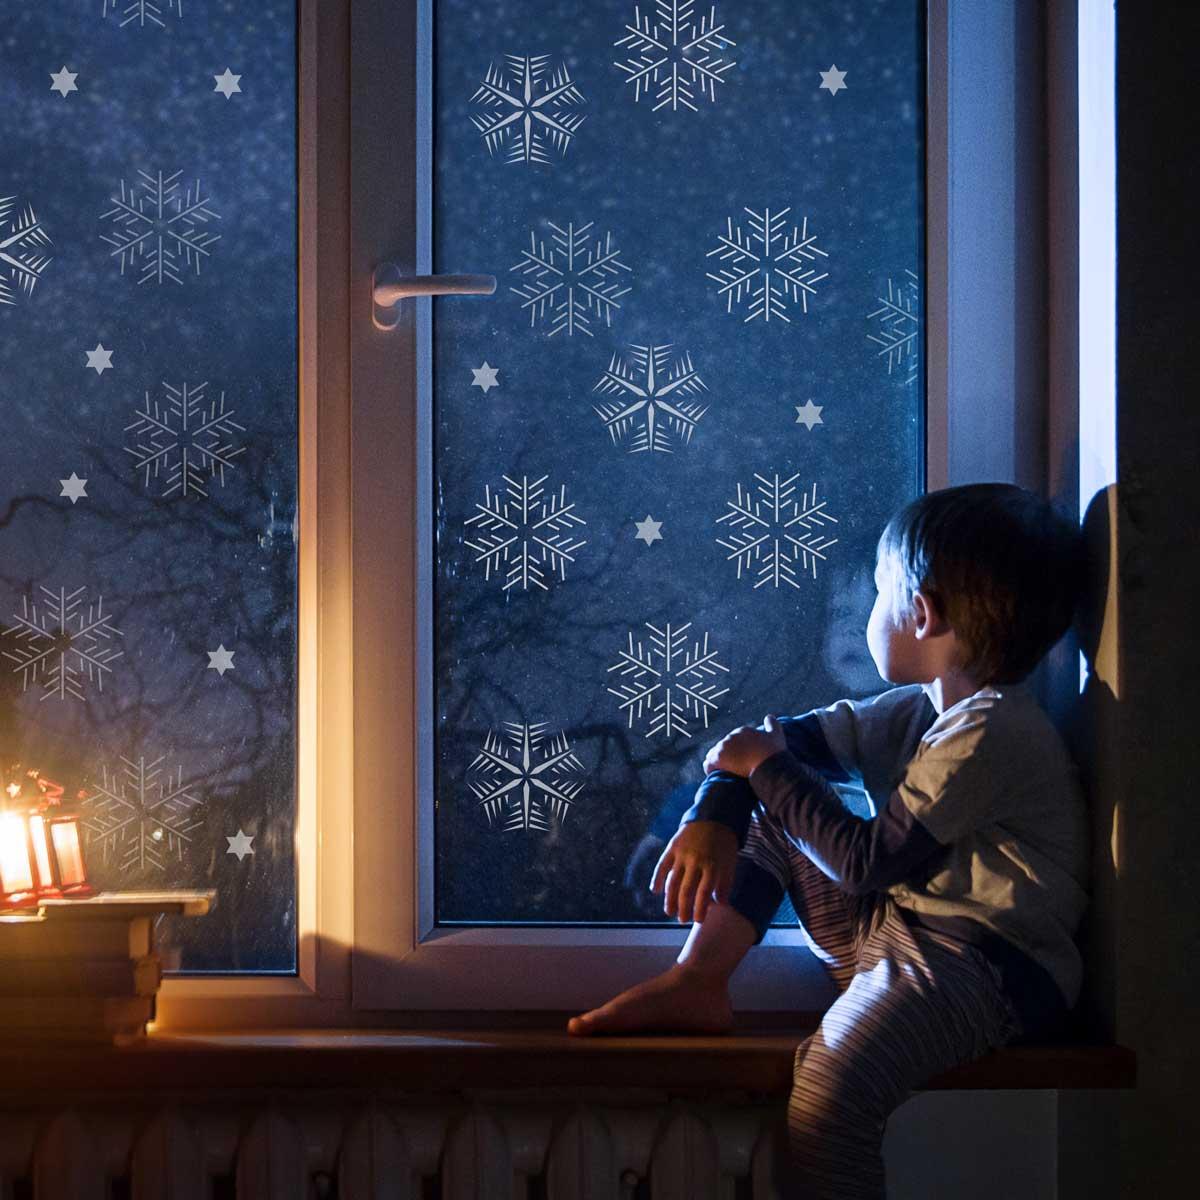 gwiazdki, śniezynki, szablon malarski